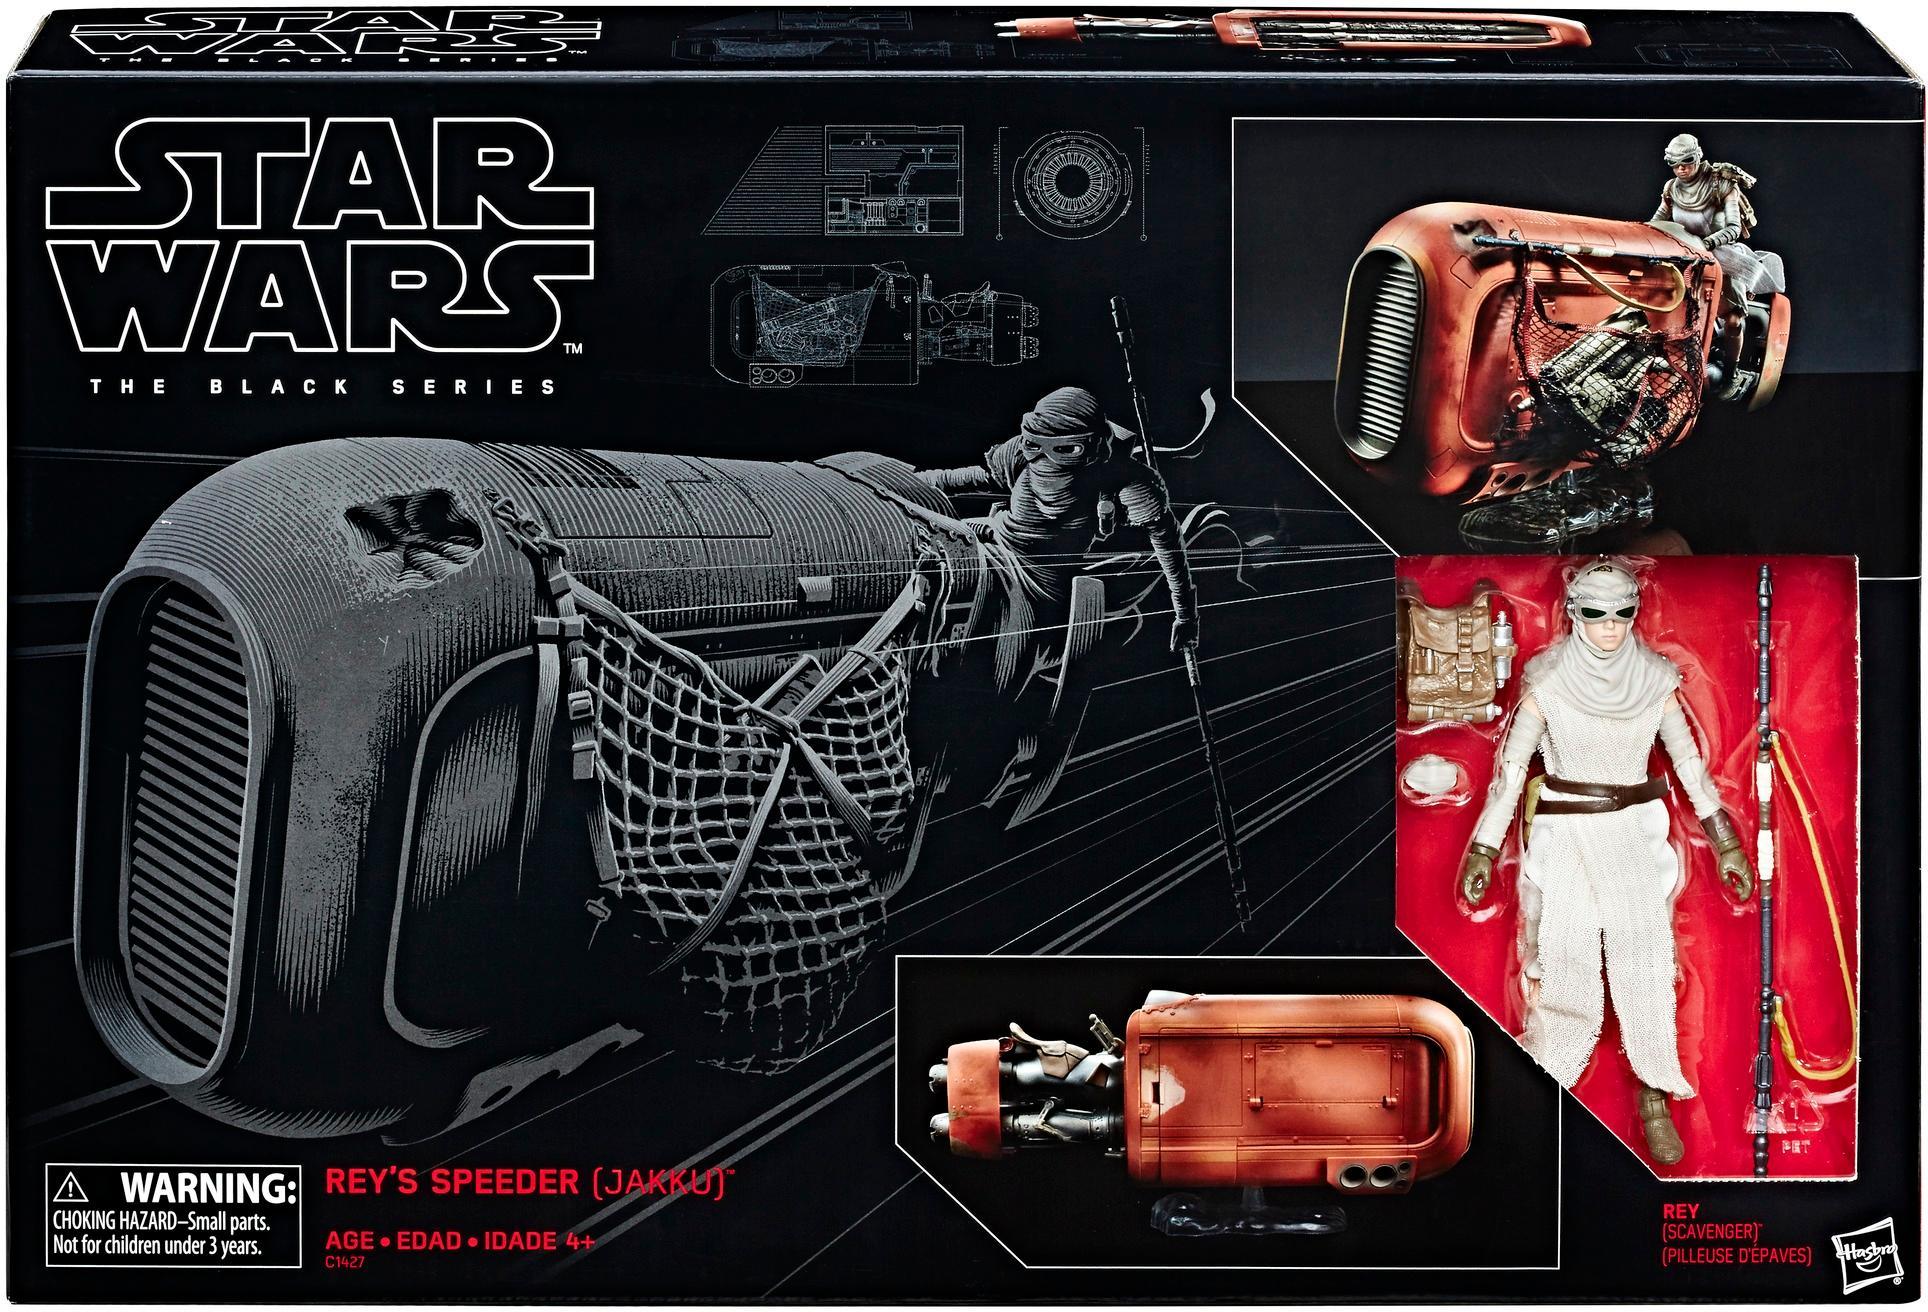 Star Wars C1427 alternateViewsImage